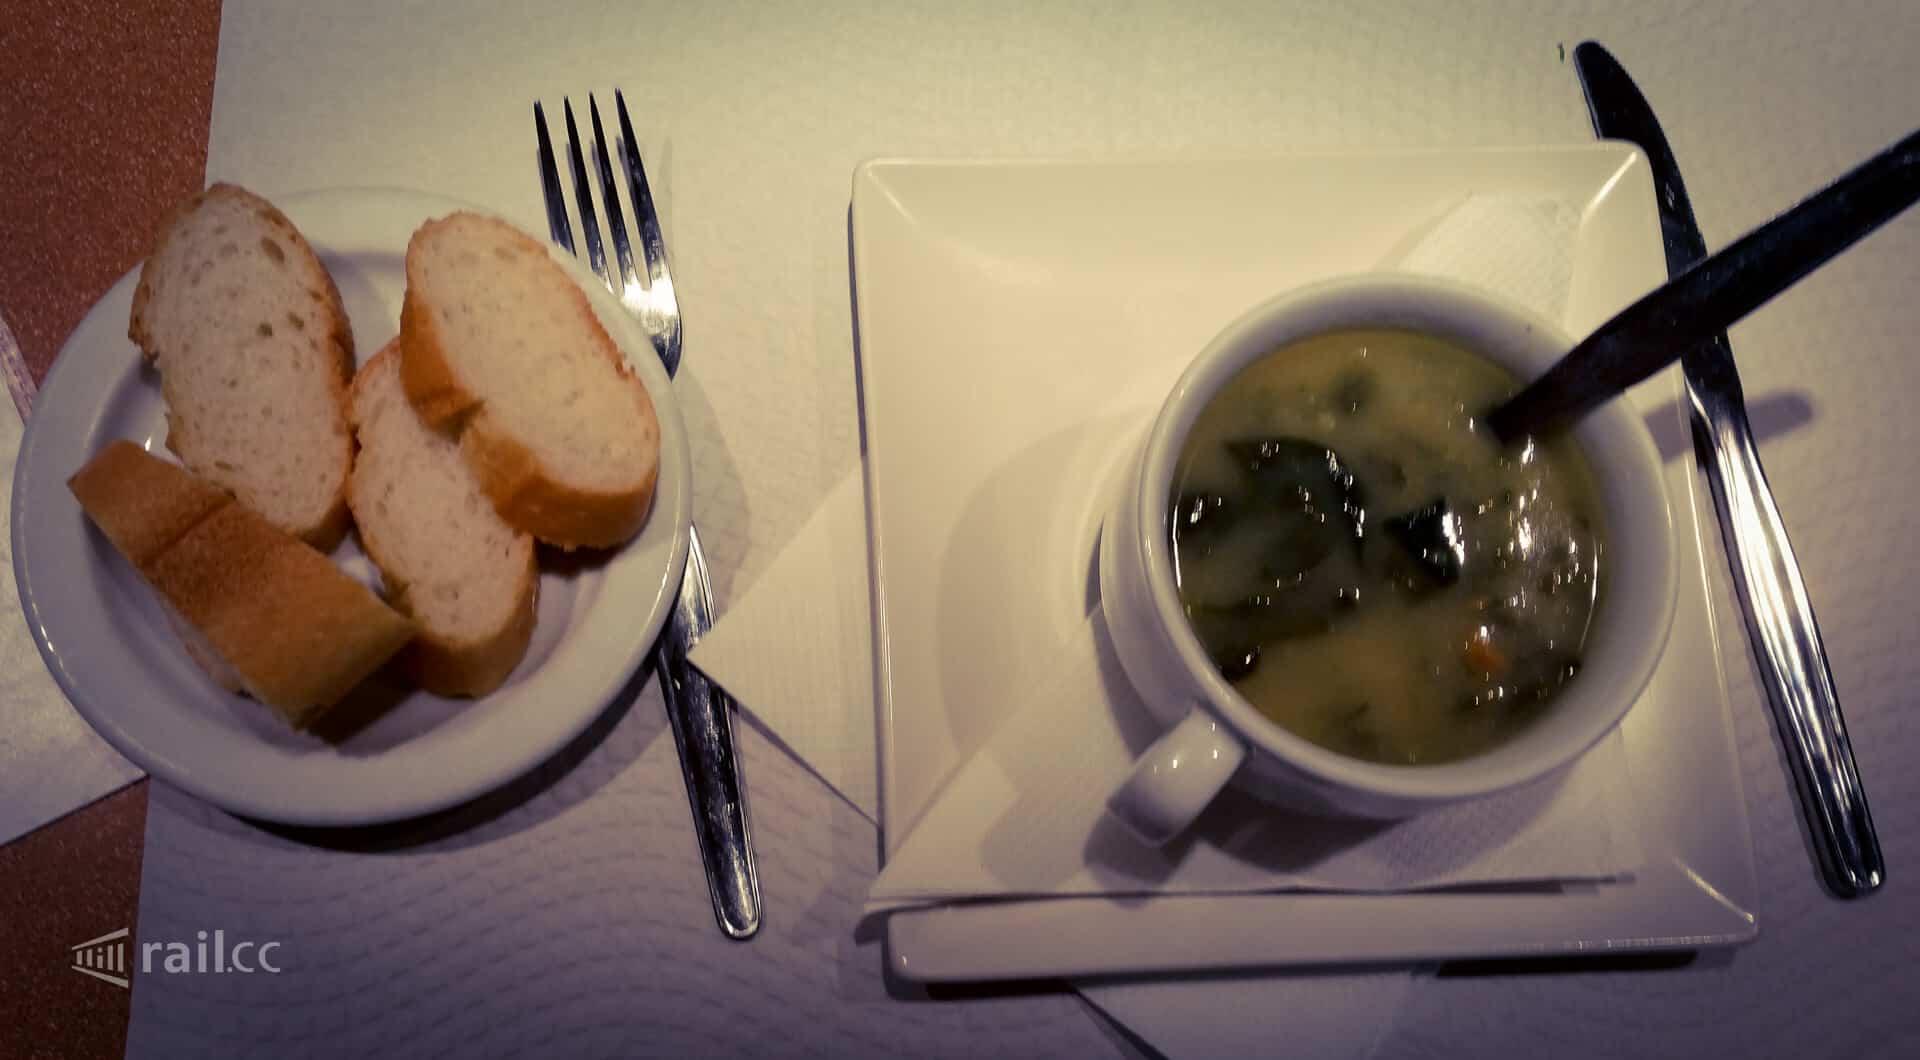 Die Vorsuppe im Speisewagen des Trenhotel nach Lissabon.